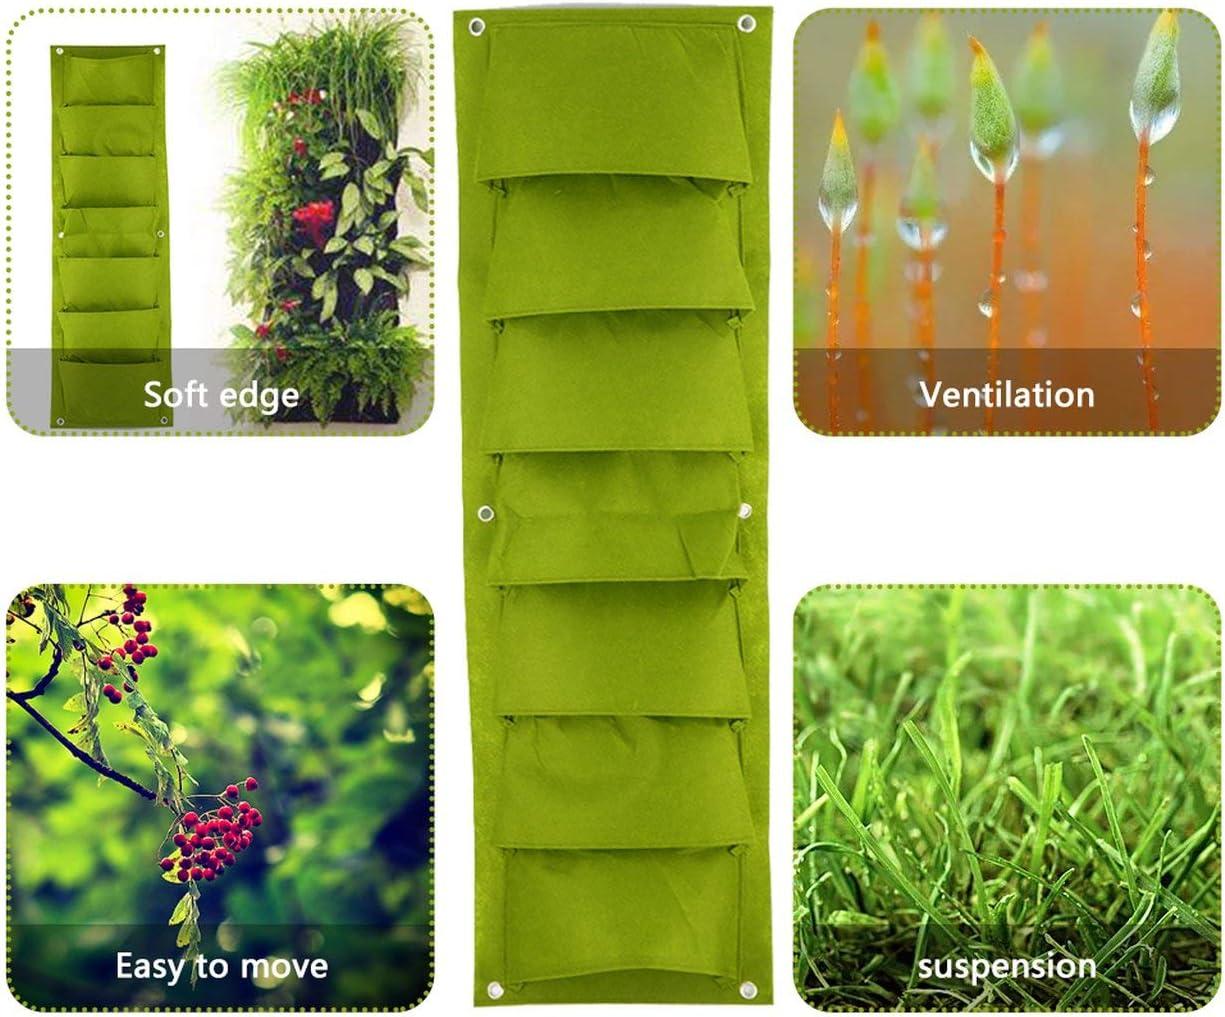 30 cm Logicstring Fioriera da Giardino Verticale Verde Borsa da Coltivazione per Fiori da piantare a Parete 7 Borsa da Giardino per Verdure tascabili Forniture per la casa 96